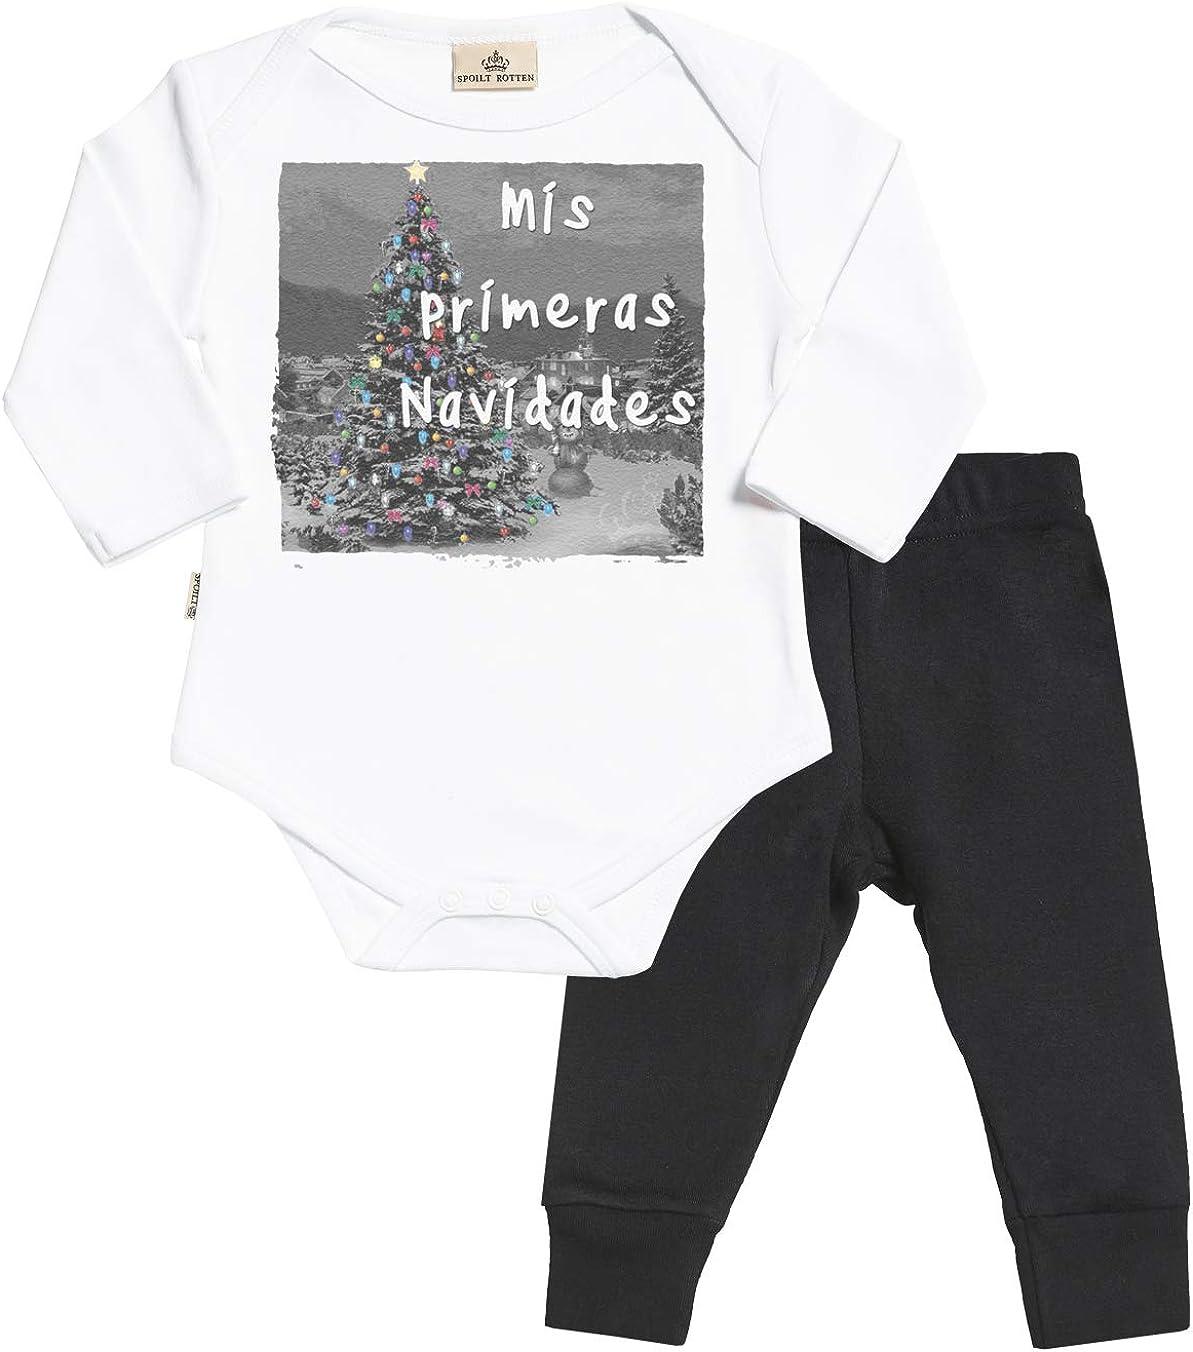 Spoilt Rotten SR - Mis primeras Navidades Regalo para bebé - Azul Body para bebés & Negro Pantalones para bebé - Ropa Conjuntos para bebé